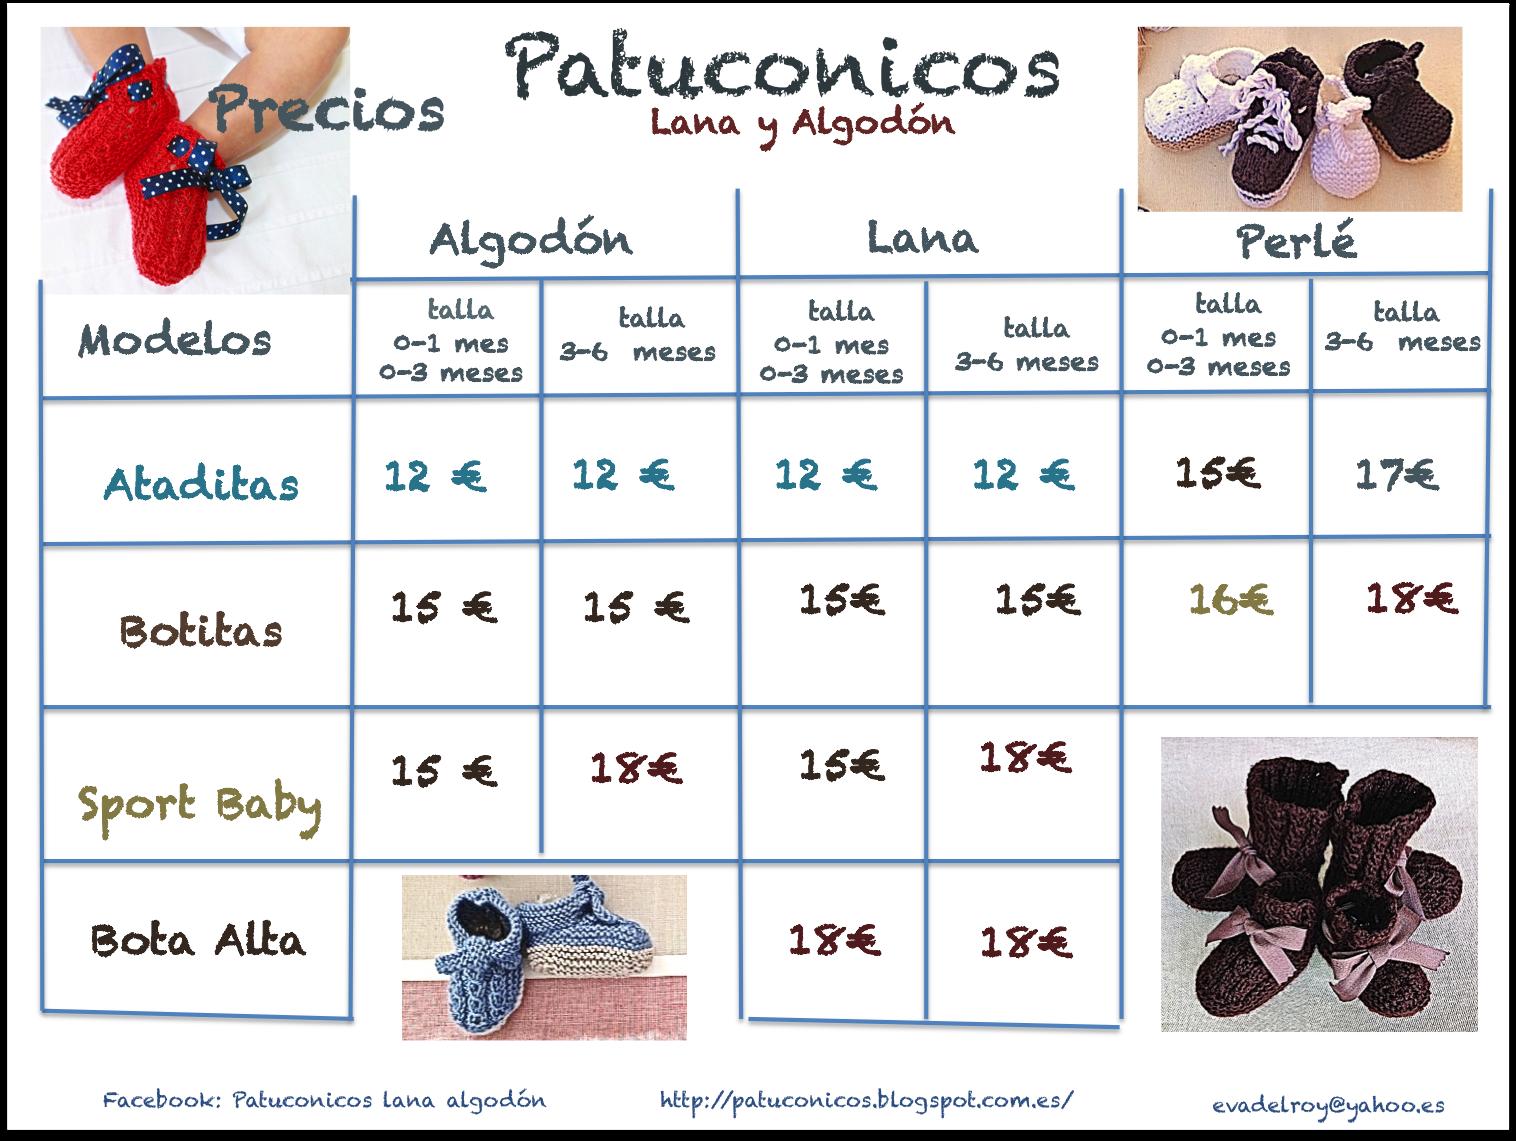 Precios y modelos de zapatitos de bebé Patuconicos